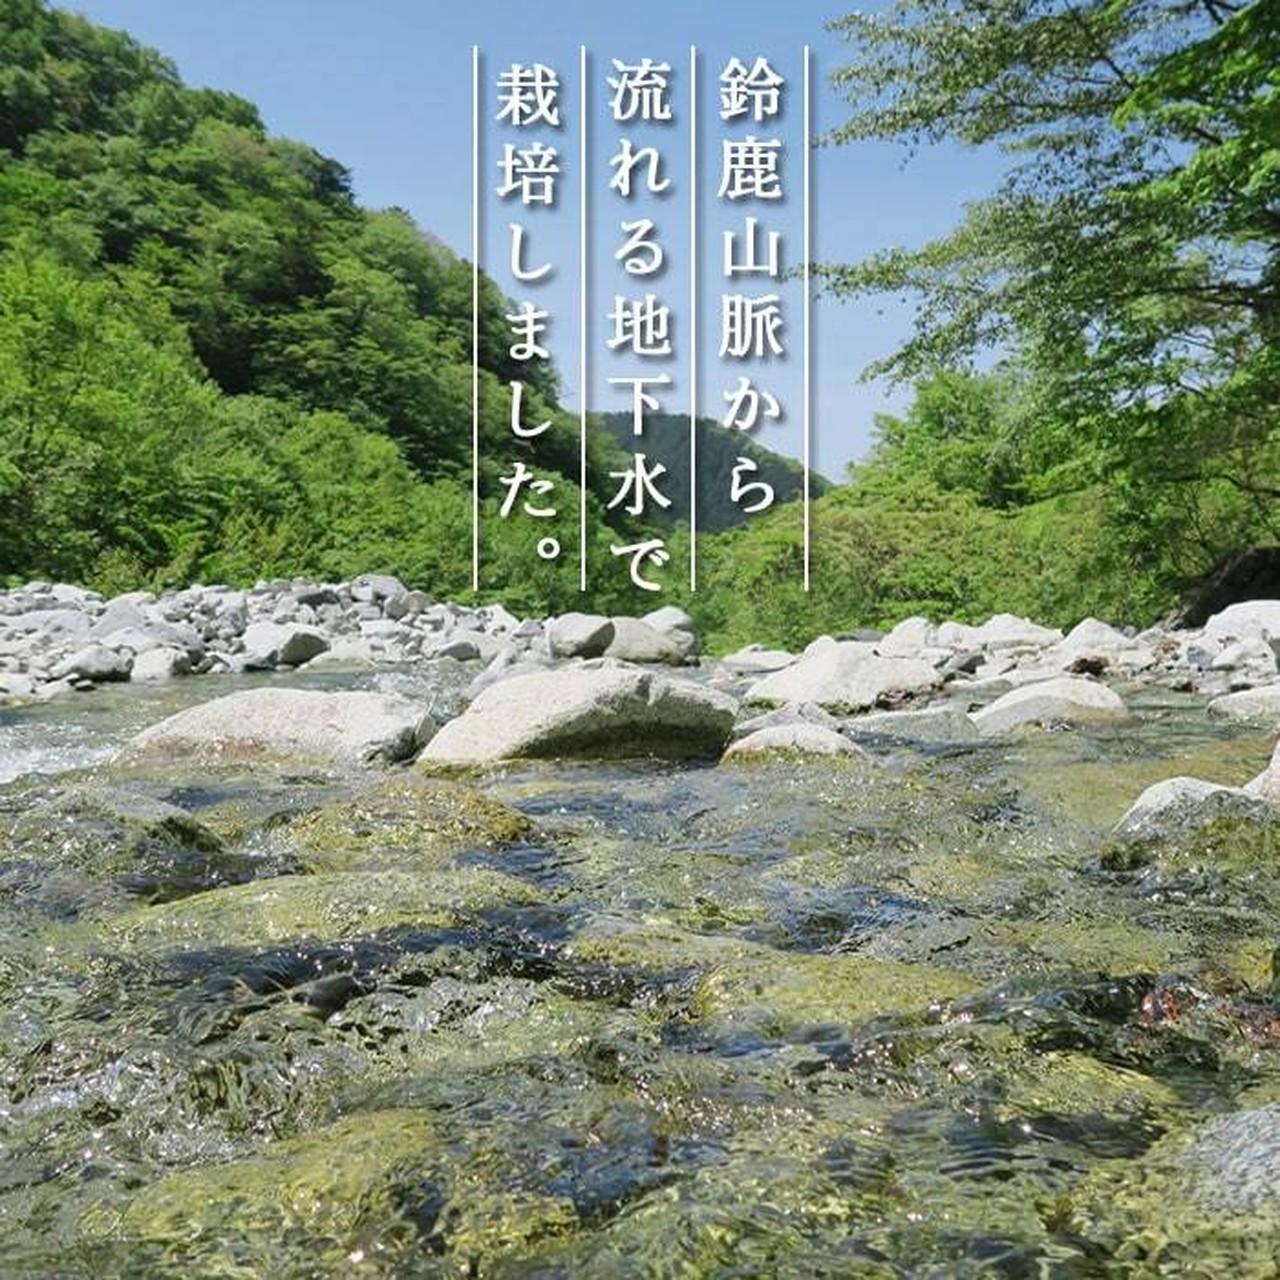 【87farm】食べられる ドライフラワー(ベゴニア ピンク )